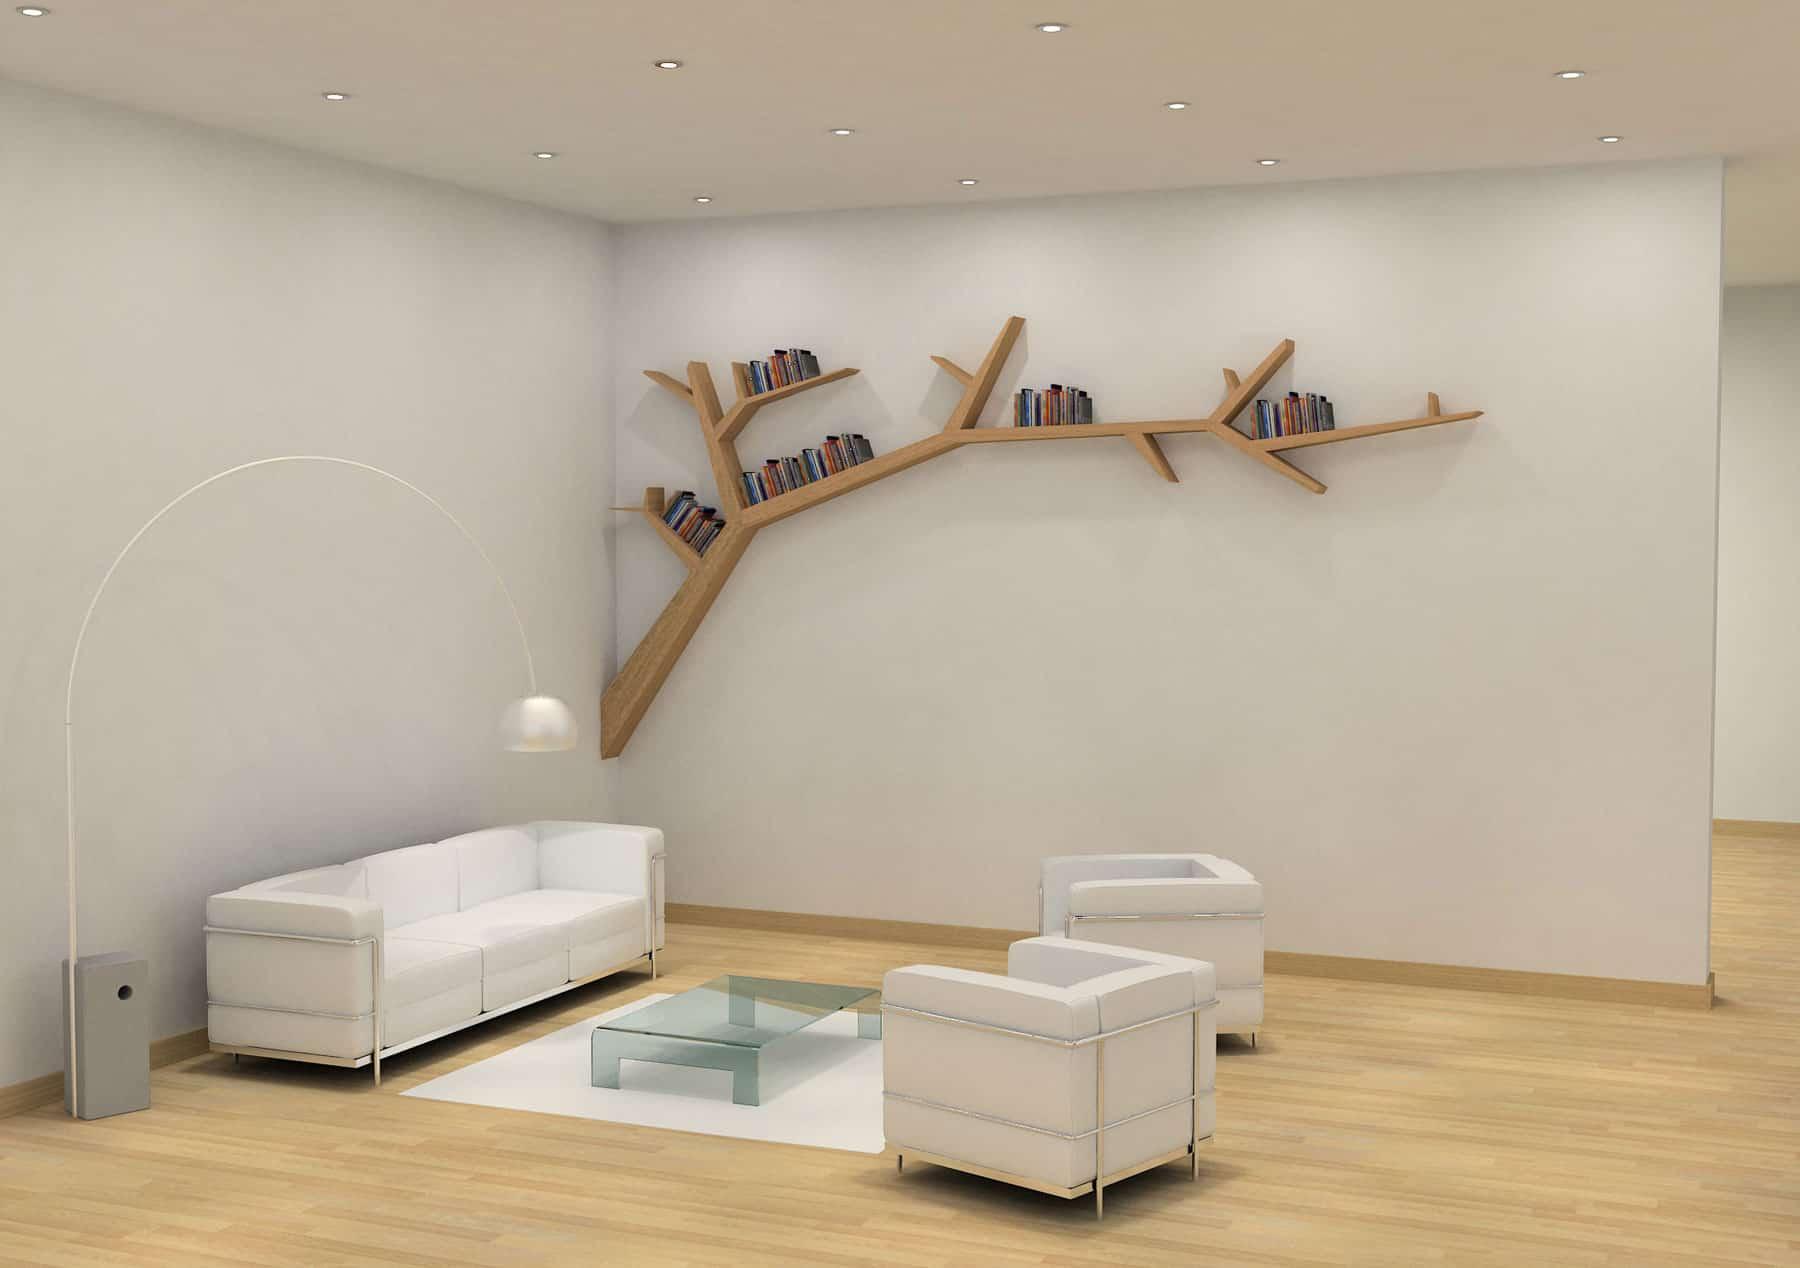 Branch Bookshelf by Olivier Dollé